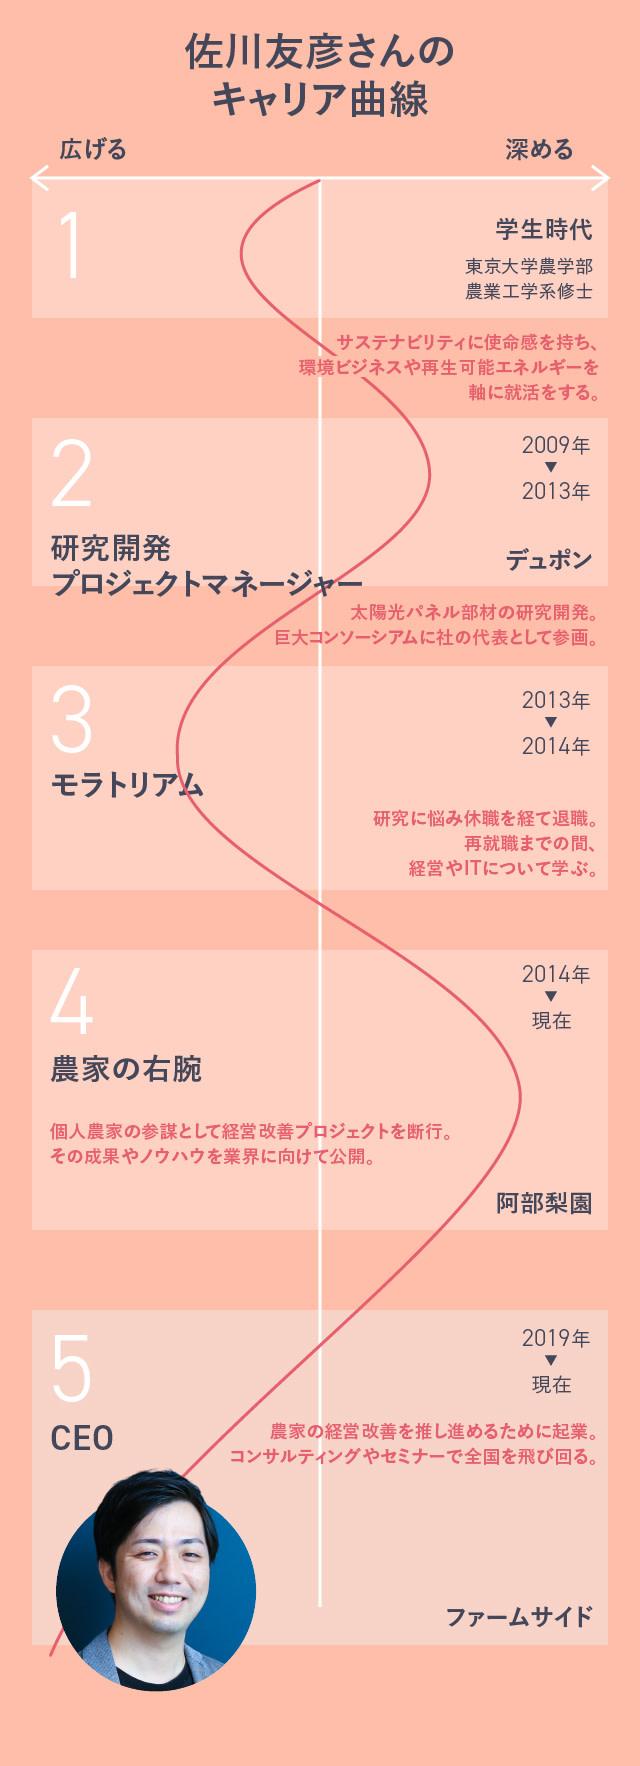 佐川友彦さんのキャリア曲線